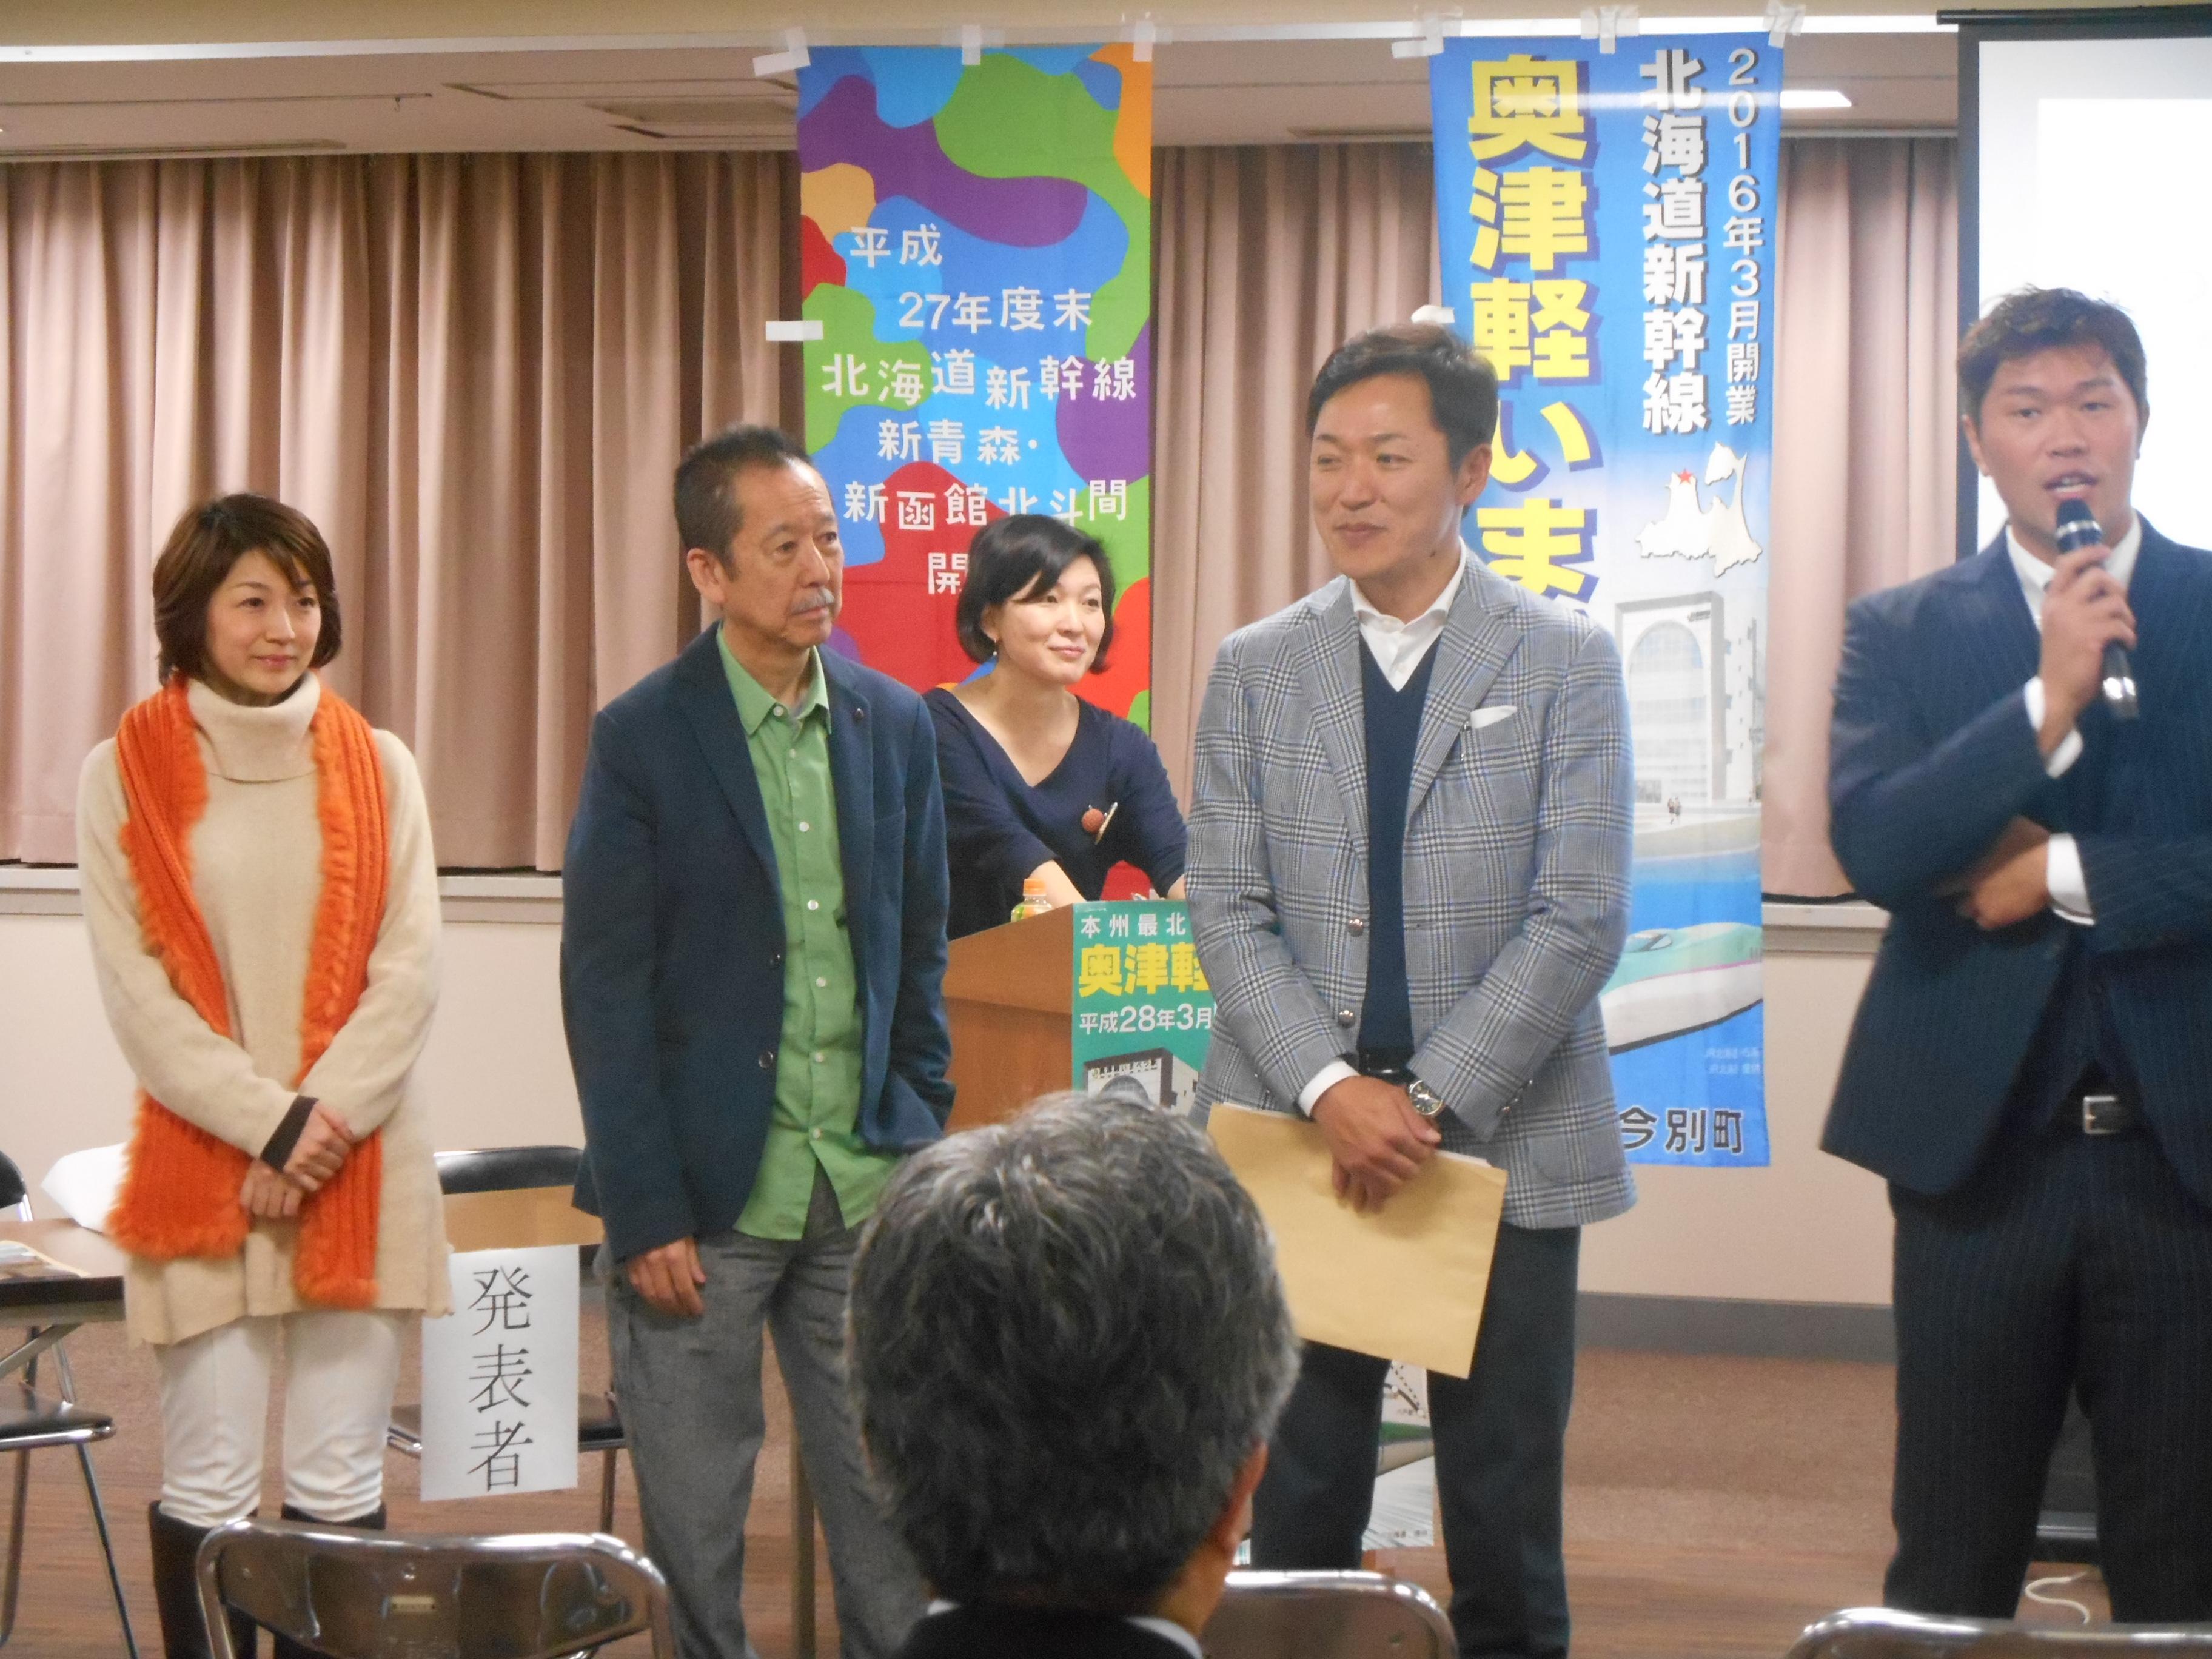 第5回青森ゼミナールのアドバイザーで天間会長、西村副会長参加